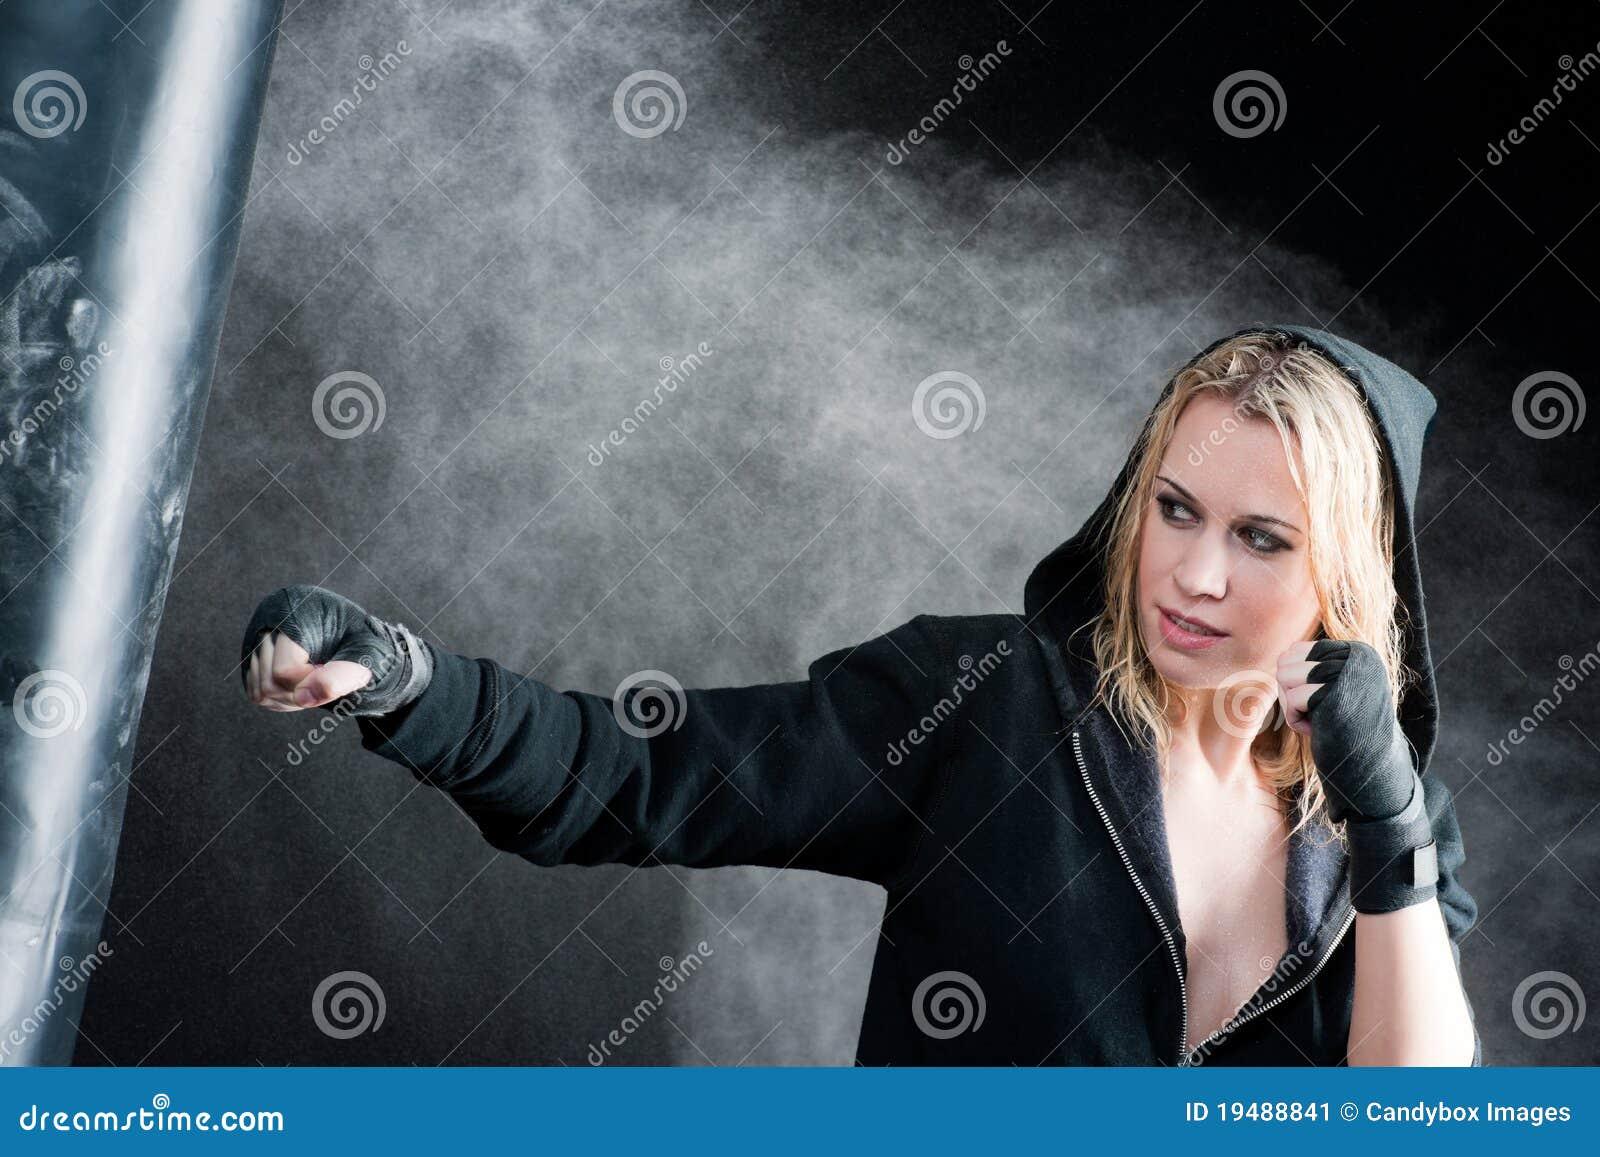 Фото пробитой женщины 12 фотография